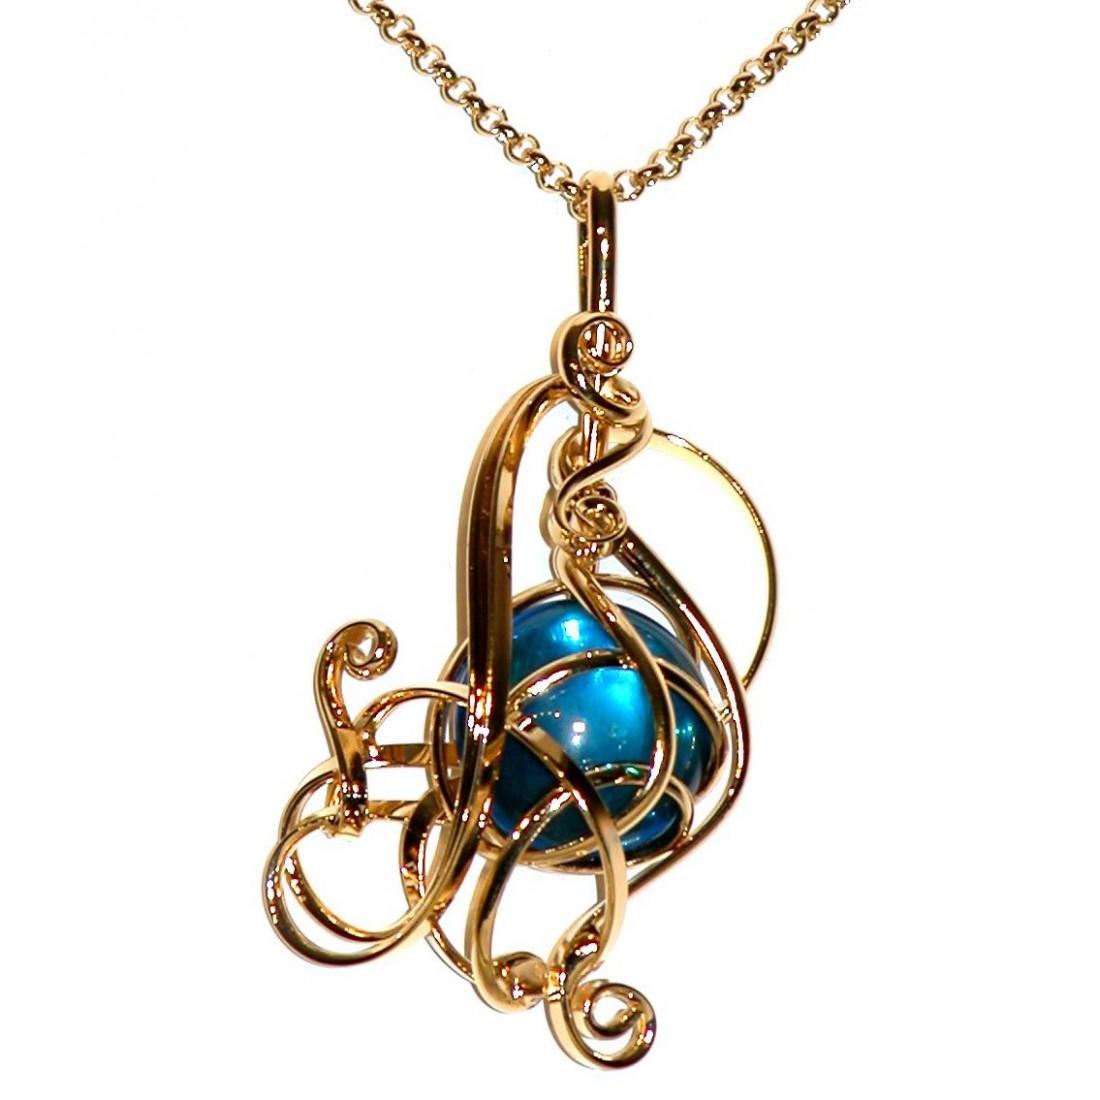 Très joli pendentif doré aux courbes délicates et légères-bijou fait main